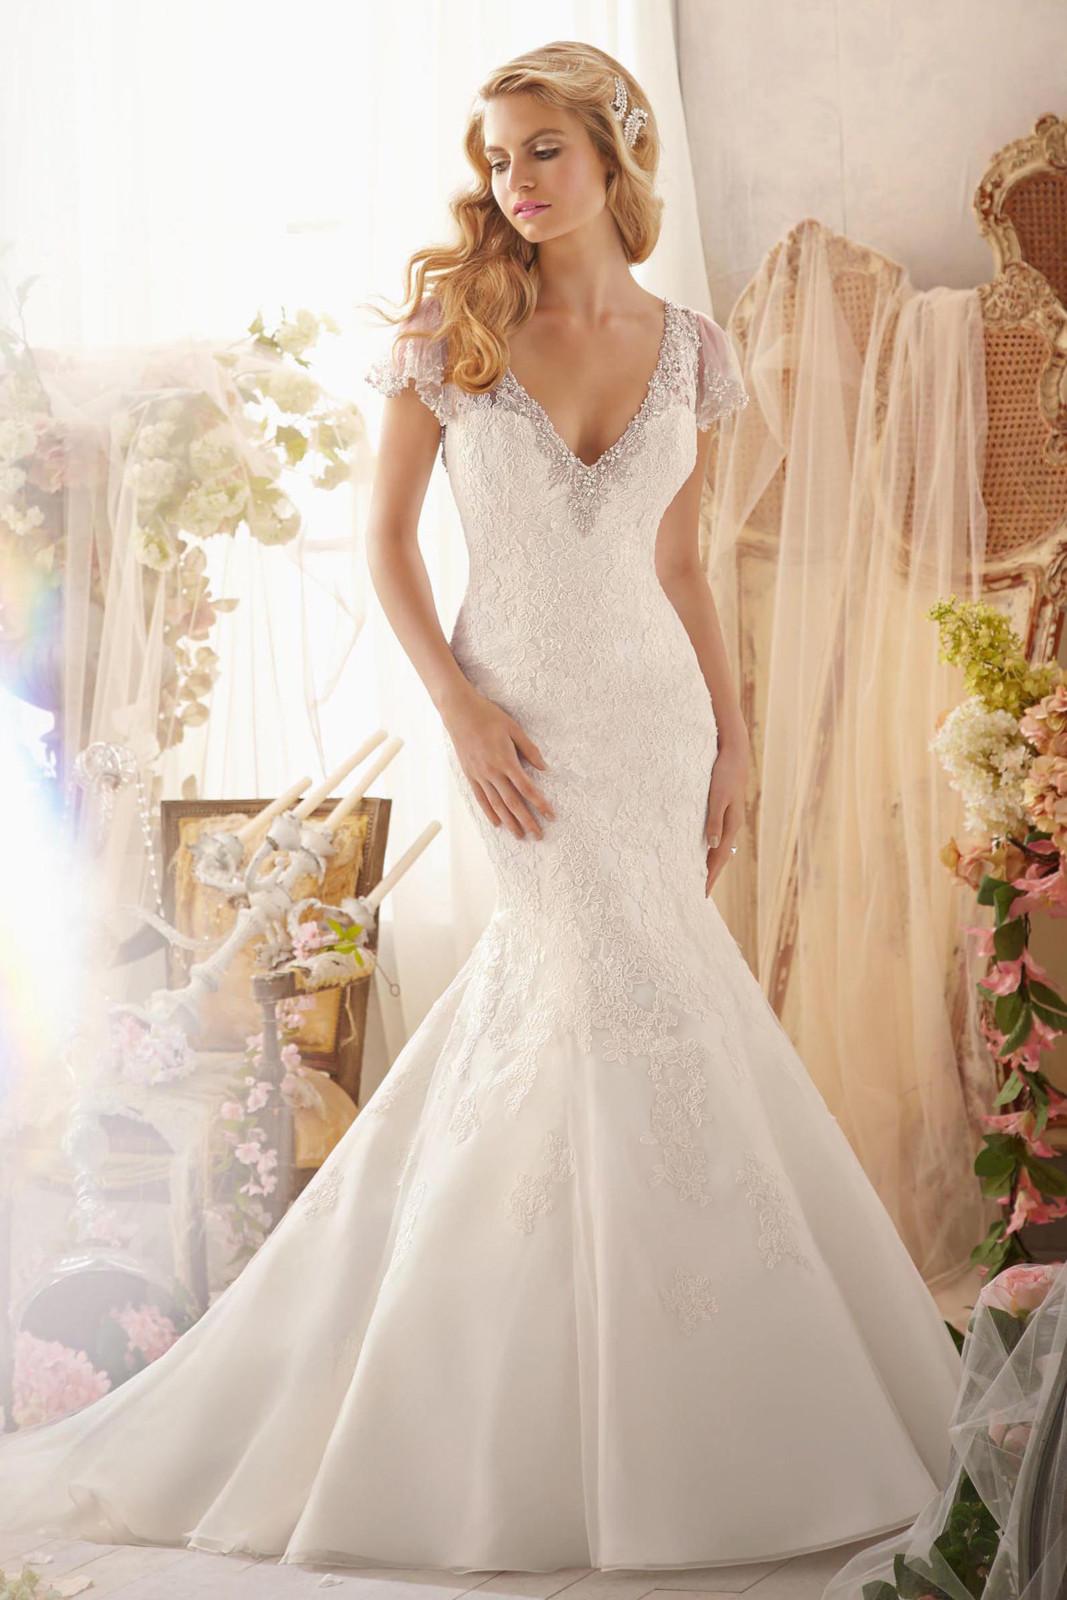 Νυφικό Φόρεμα, Δαντέλα, Morilee, με detachable flutter sleeves. Style,. 2613